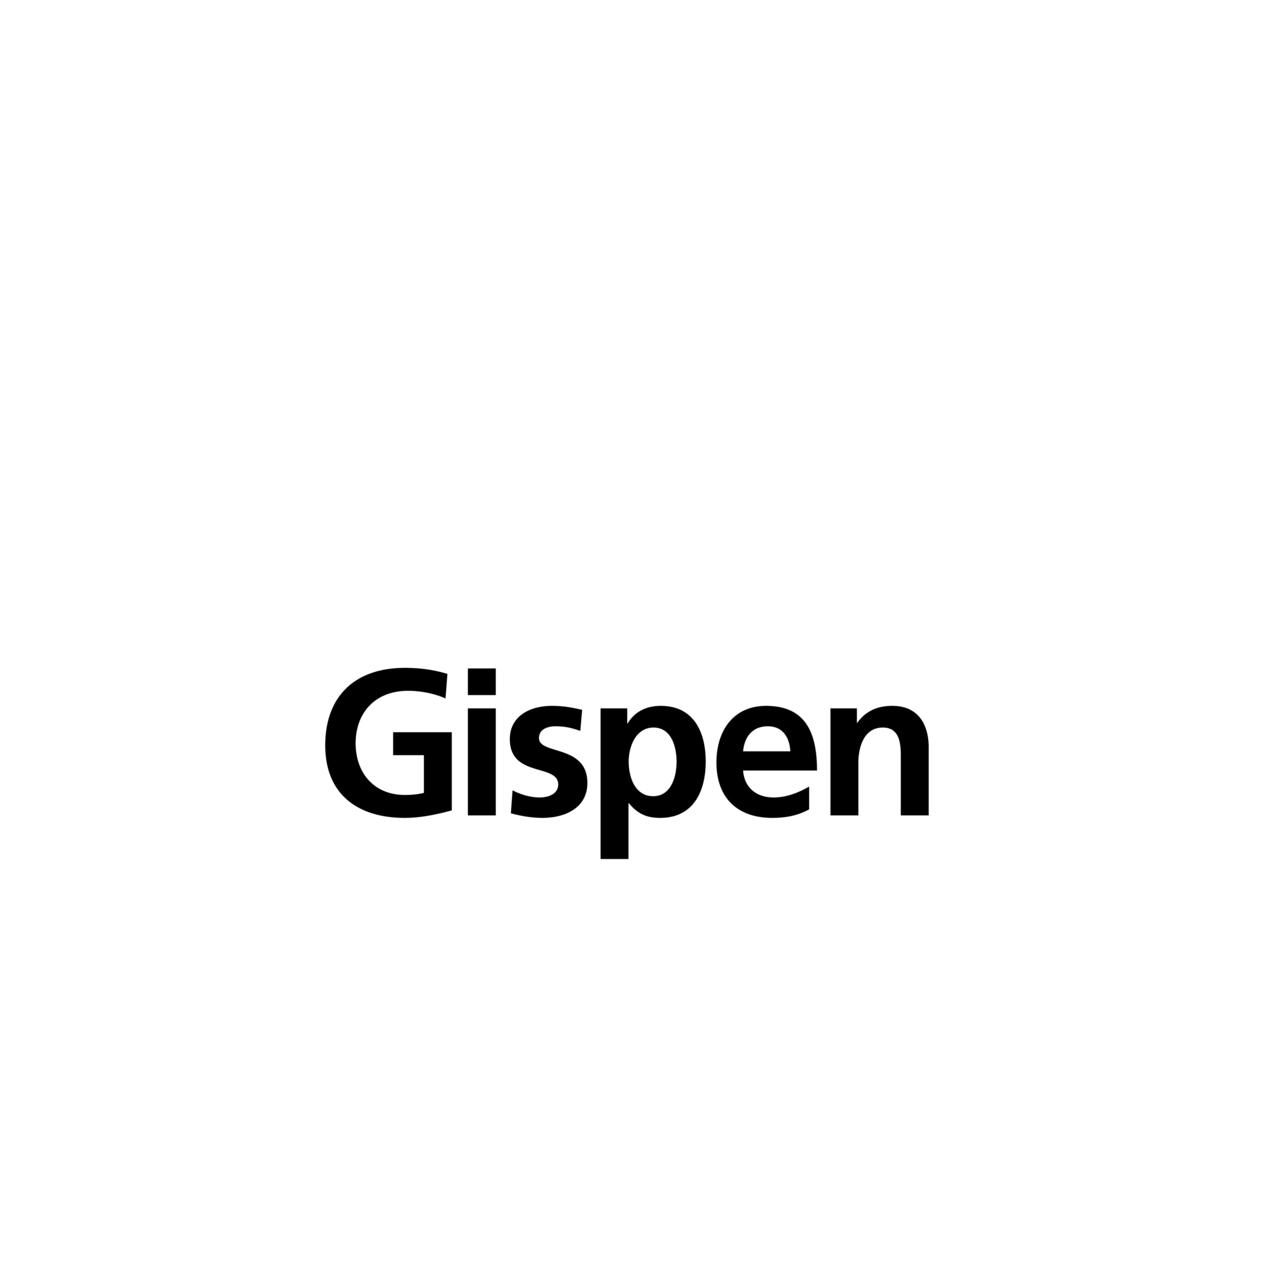 Gispen